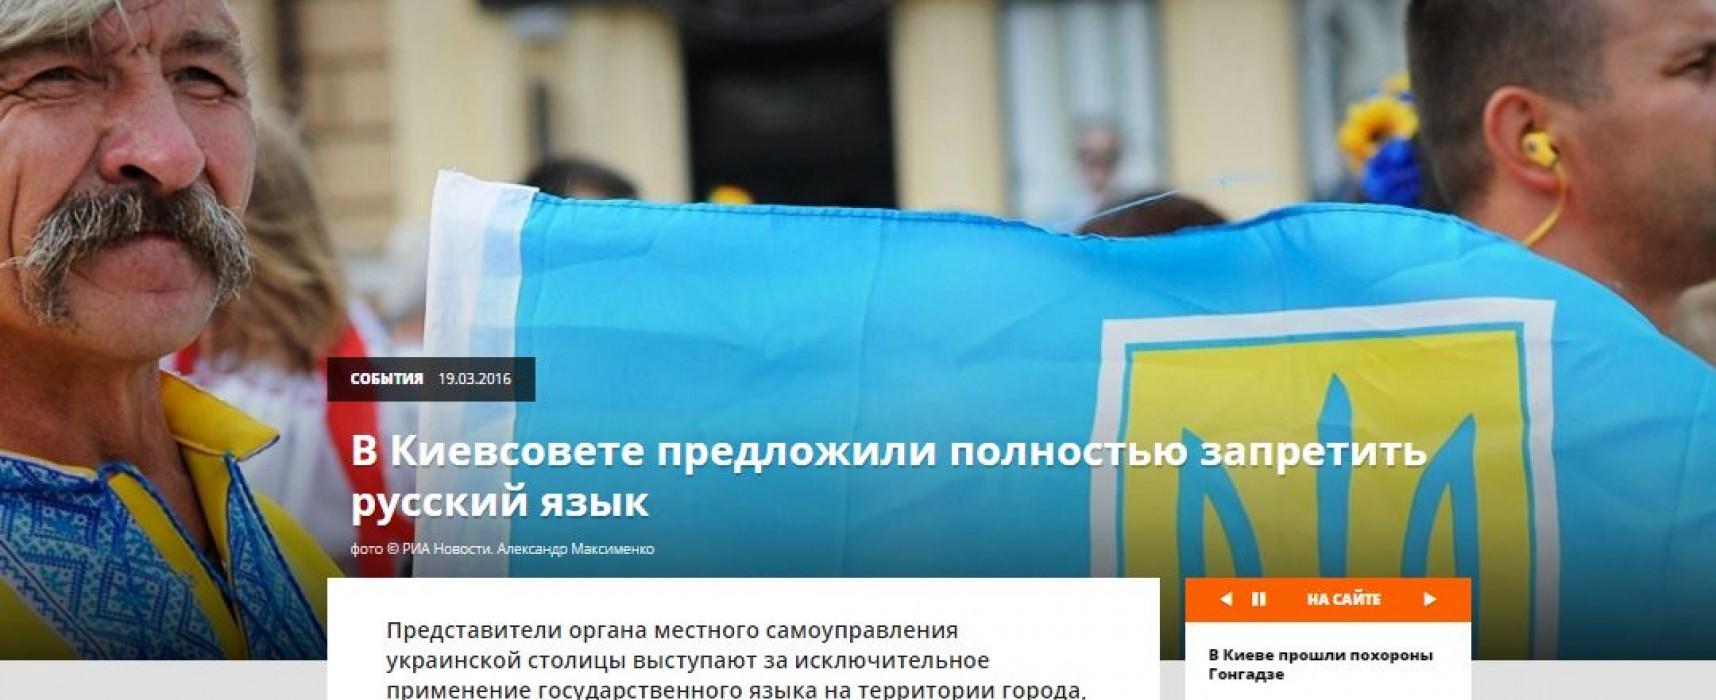 Fake: Gemeenteraad Kiev stelt voor om de Russische taal volledig te verbieden